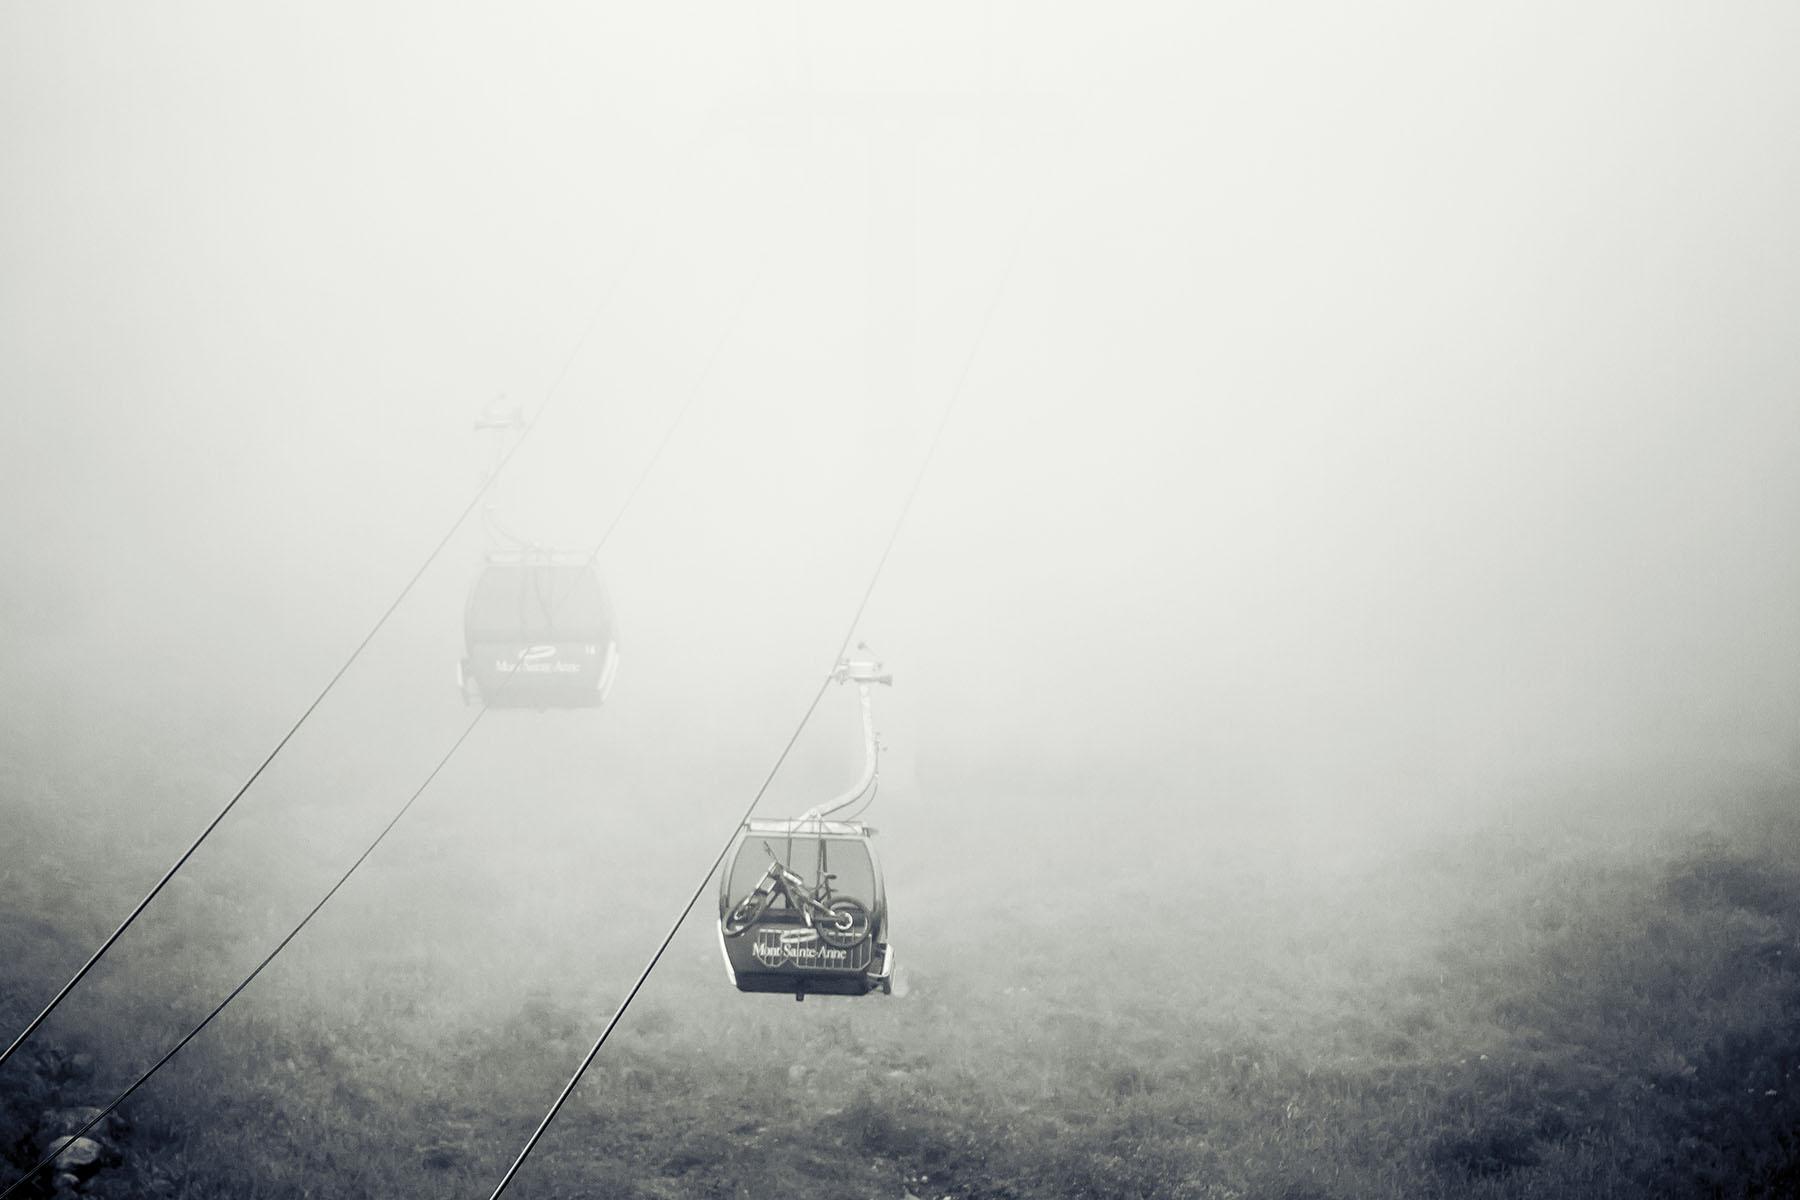 Mit der Gondel ging es durch dicke Wolken hinauf auf den Berg.